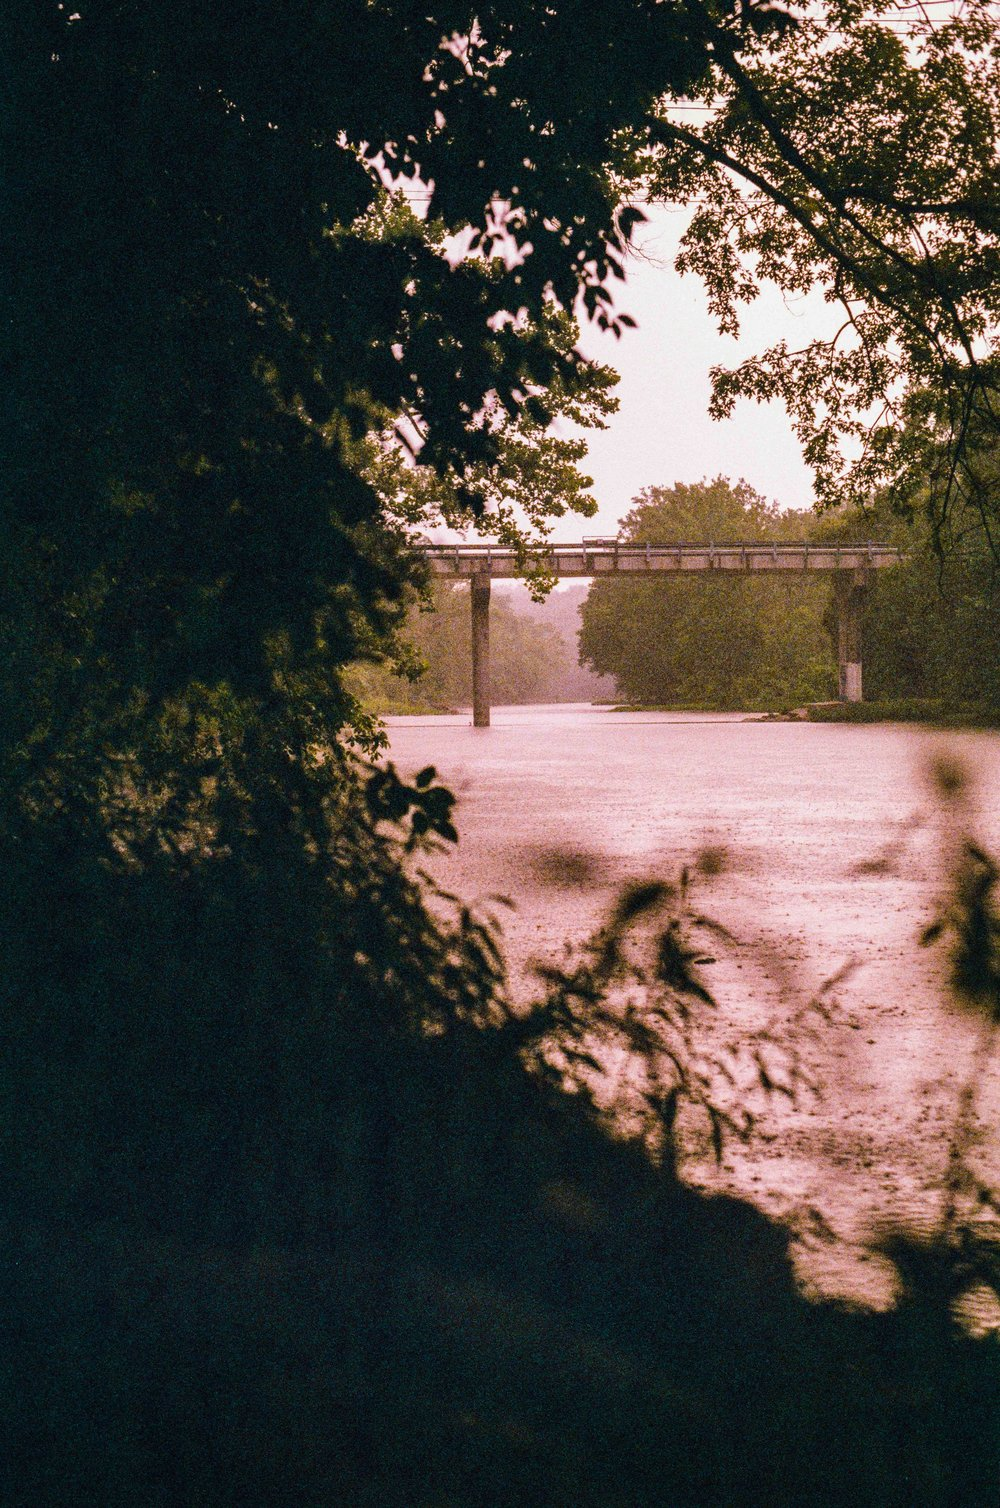 downres_srgb_summer rain an bridge.jpg